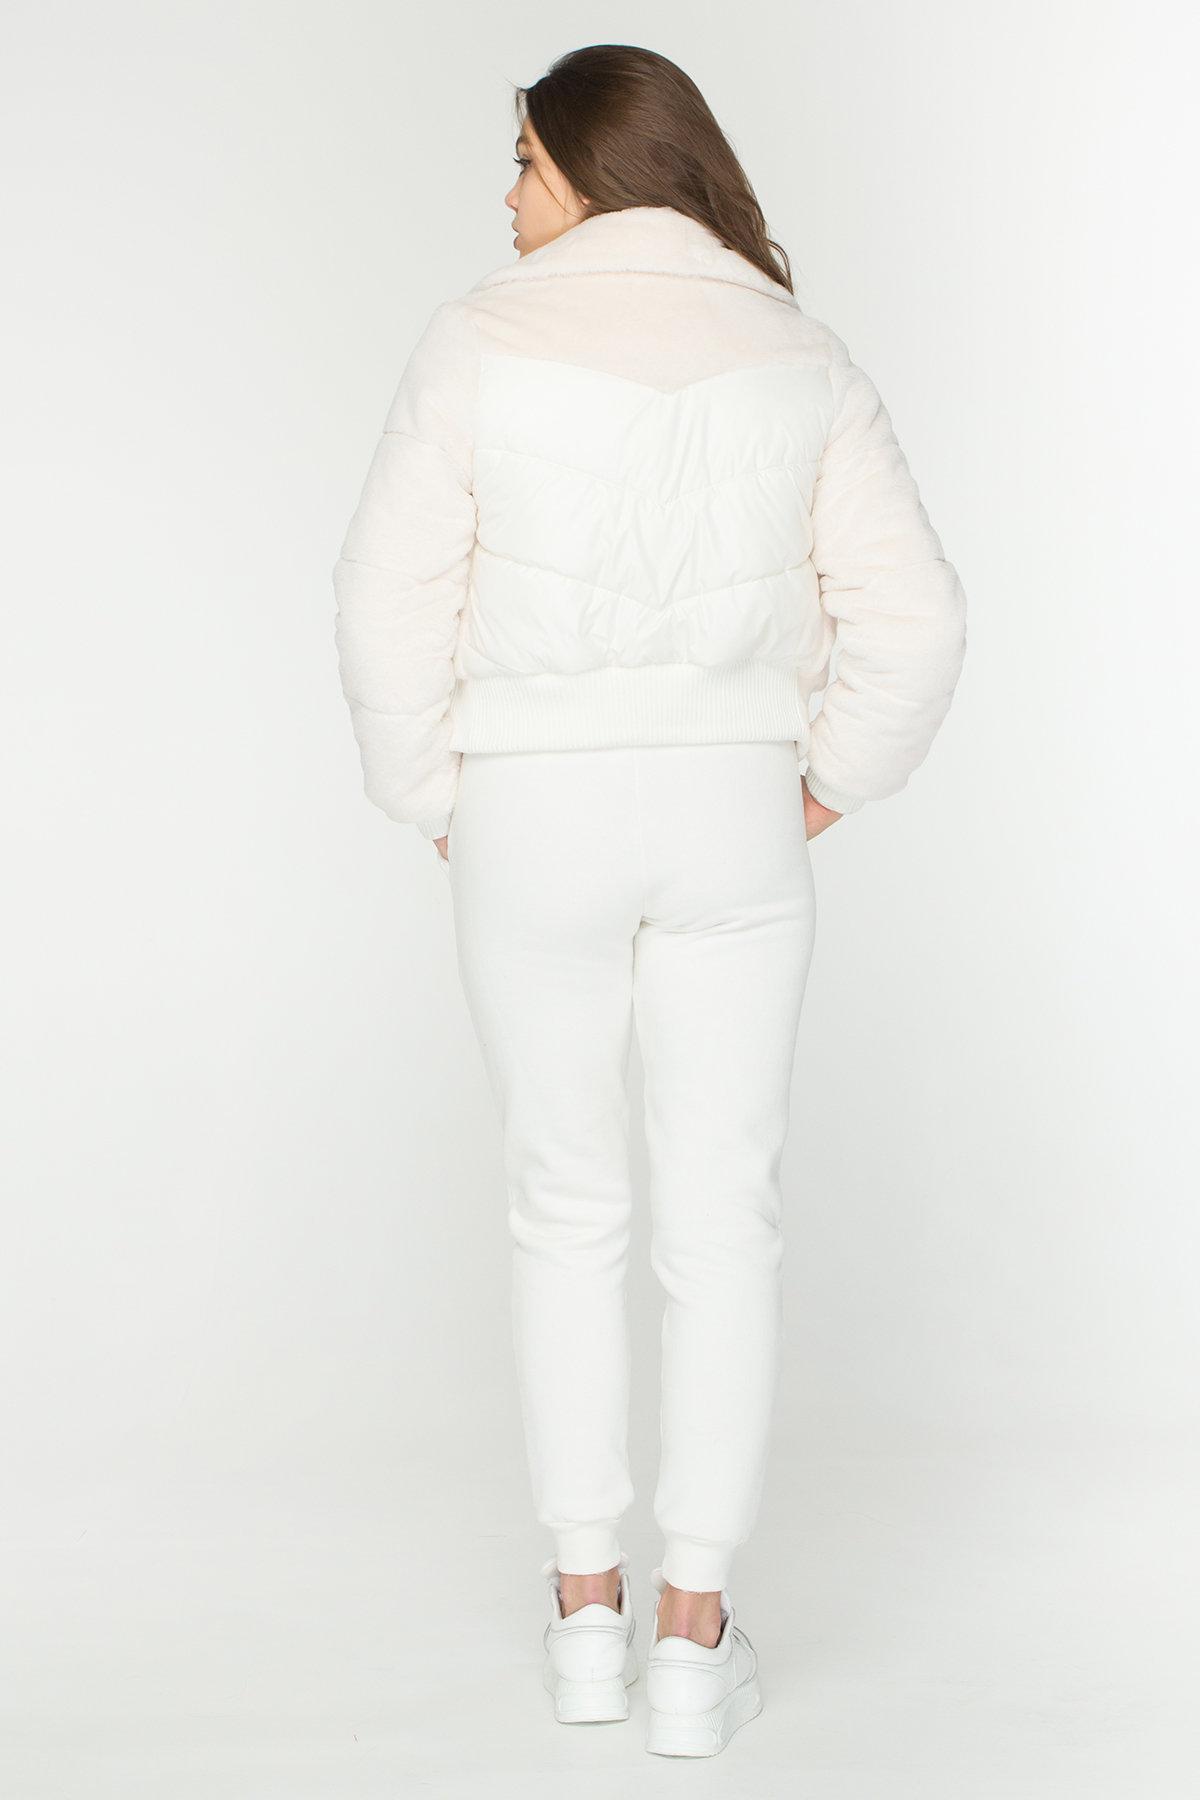 Стильная куртка бомбер Рино 8720 АРТ. 45171 Цвет: Молоко - фото 2, интернет магазин tm-modus.ru